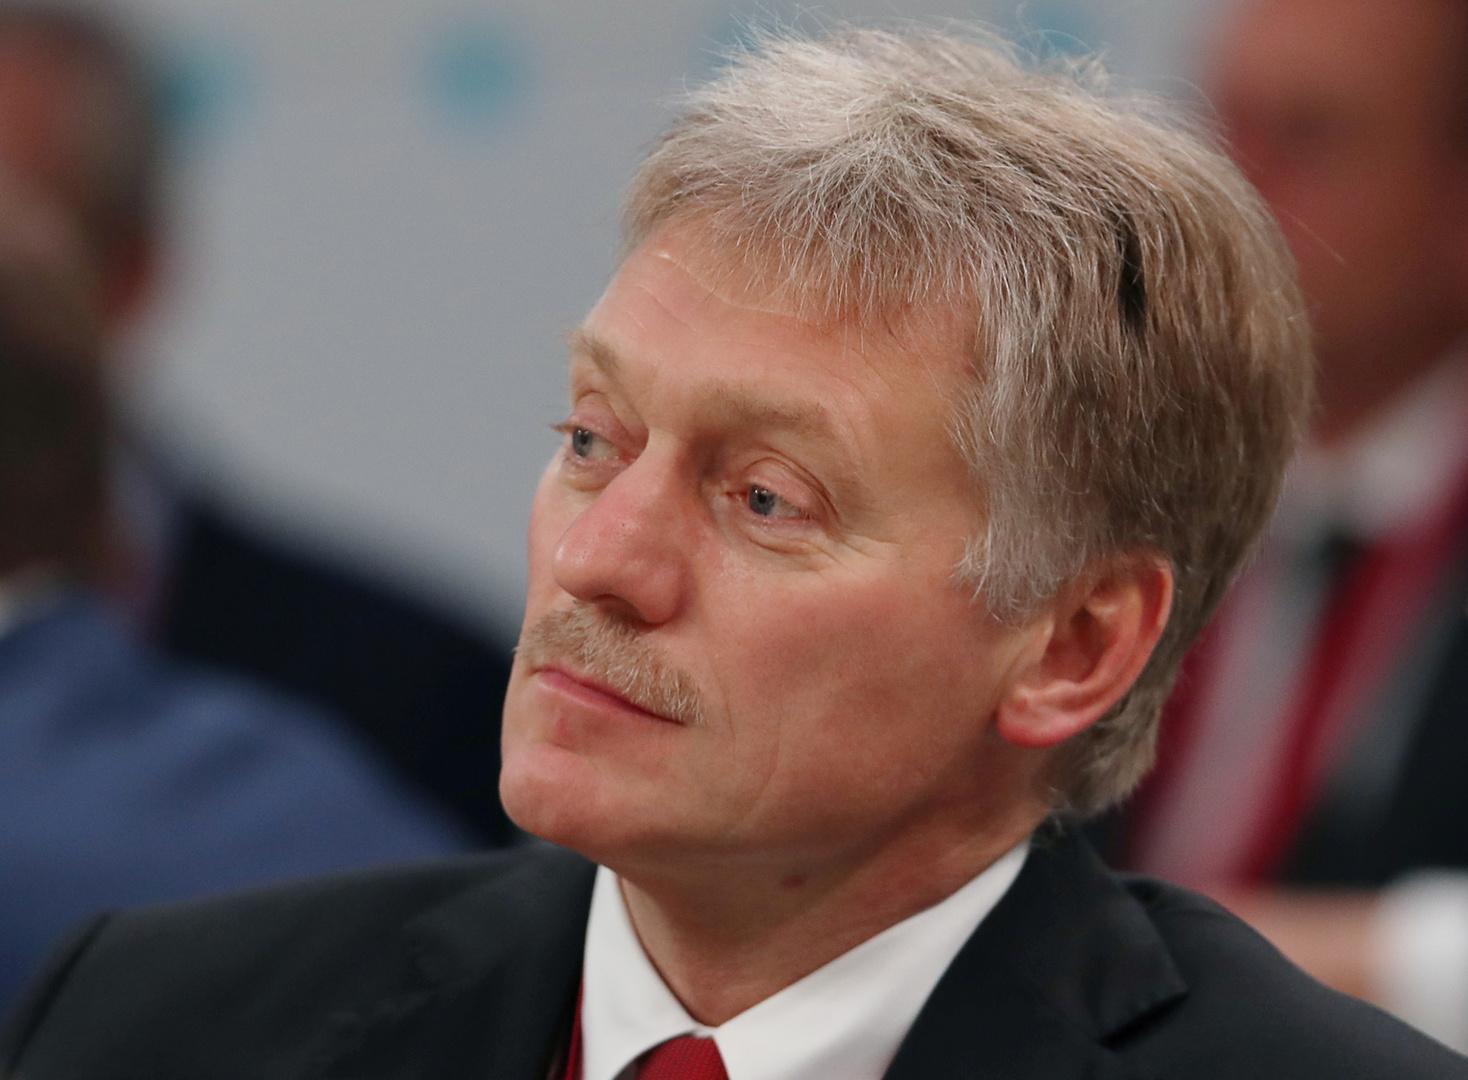 بيسكوف: يجب ألا يتفاقم الوضع في الشرق الأوسط بعد قرار واشنطن إنهاء مهام قواتها في العراق